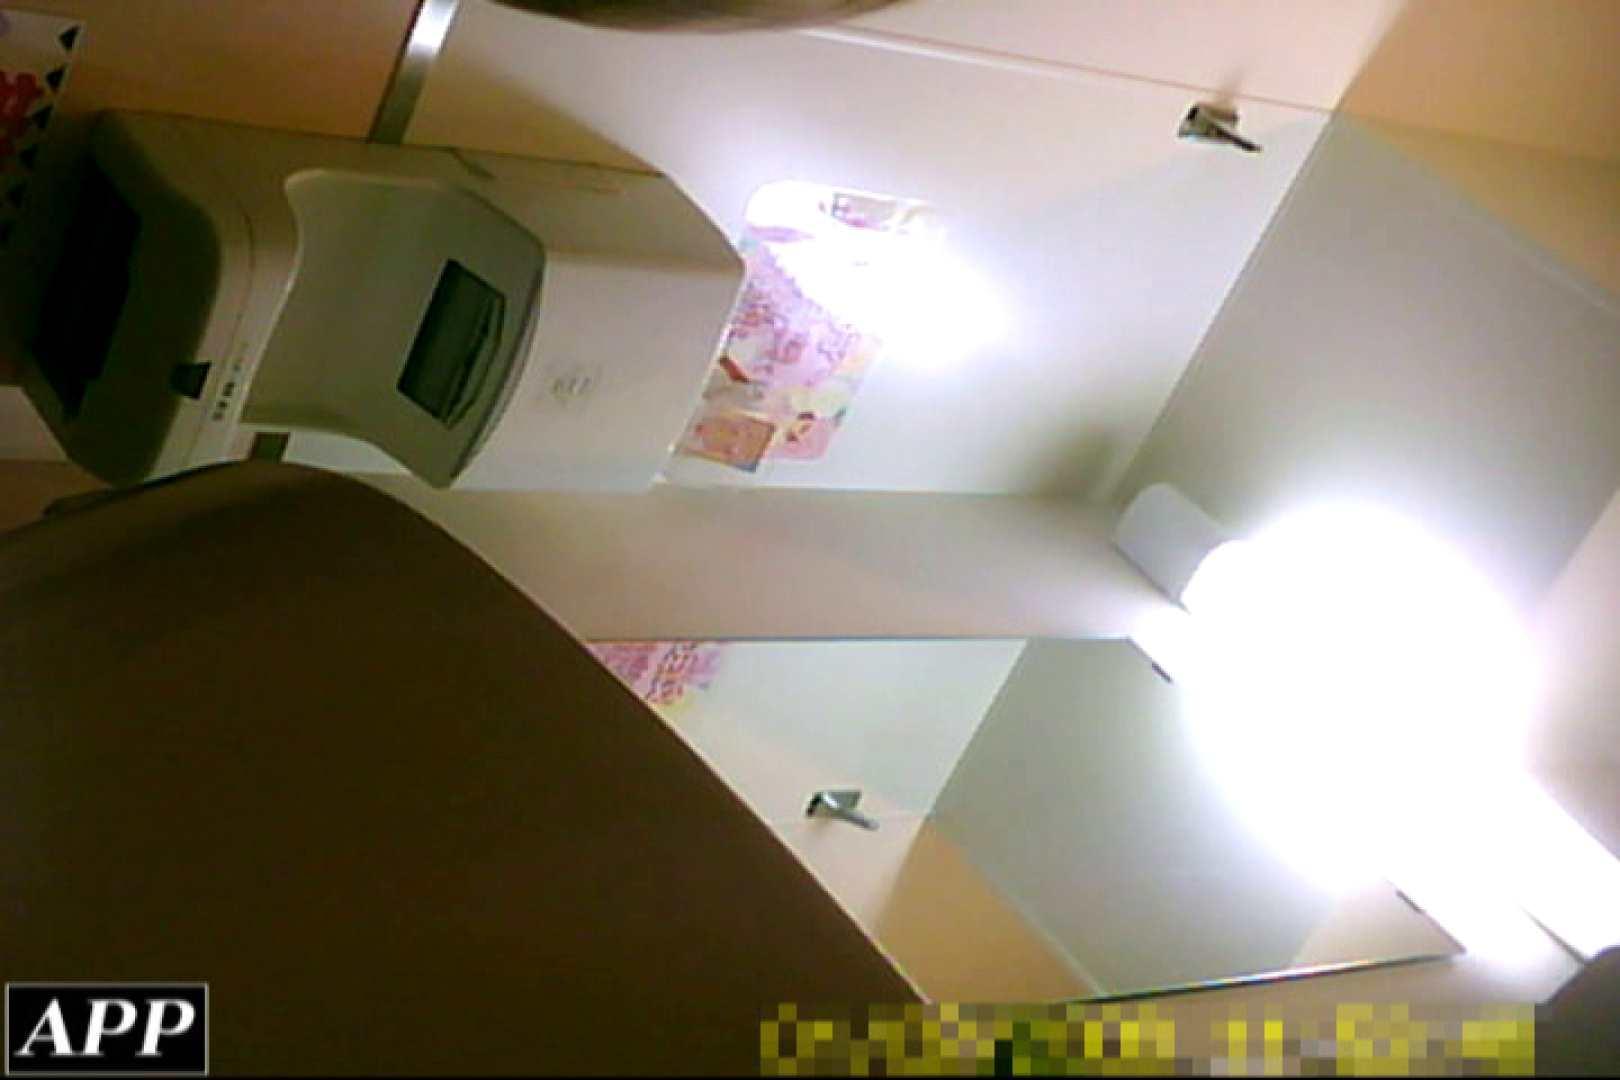 3視点洗面所 vol.08 マンコ AV動画キャプチャ 108画像 89